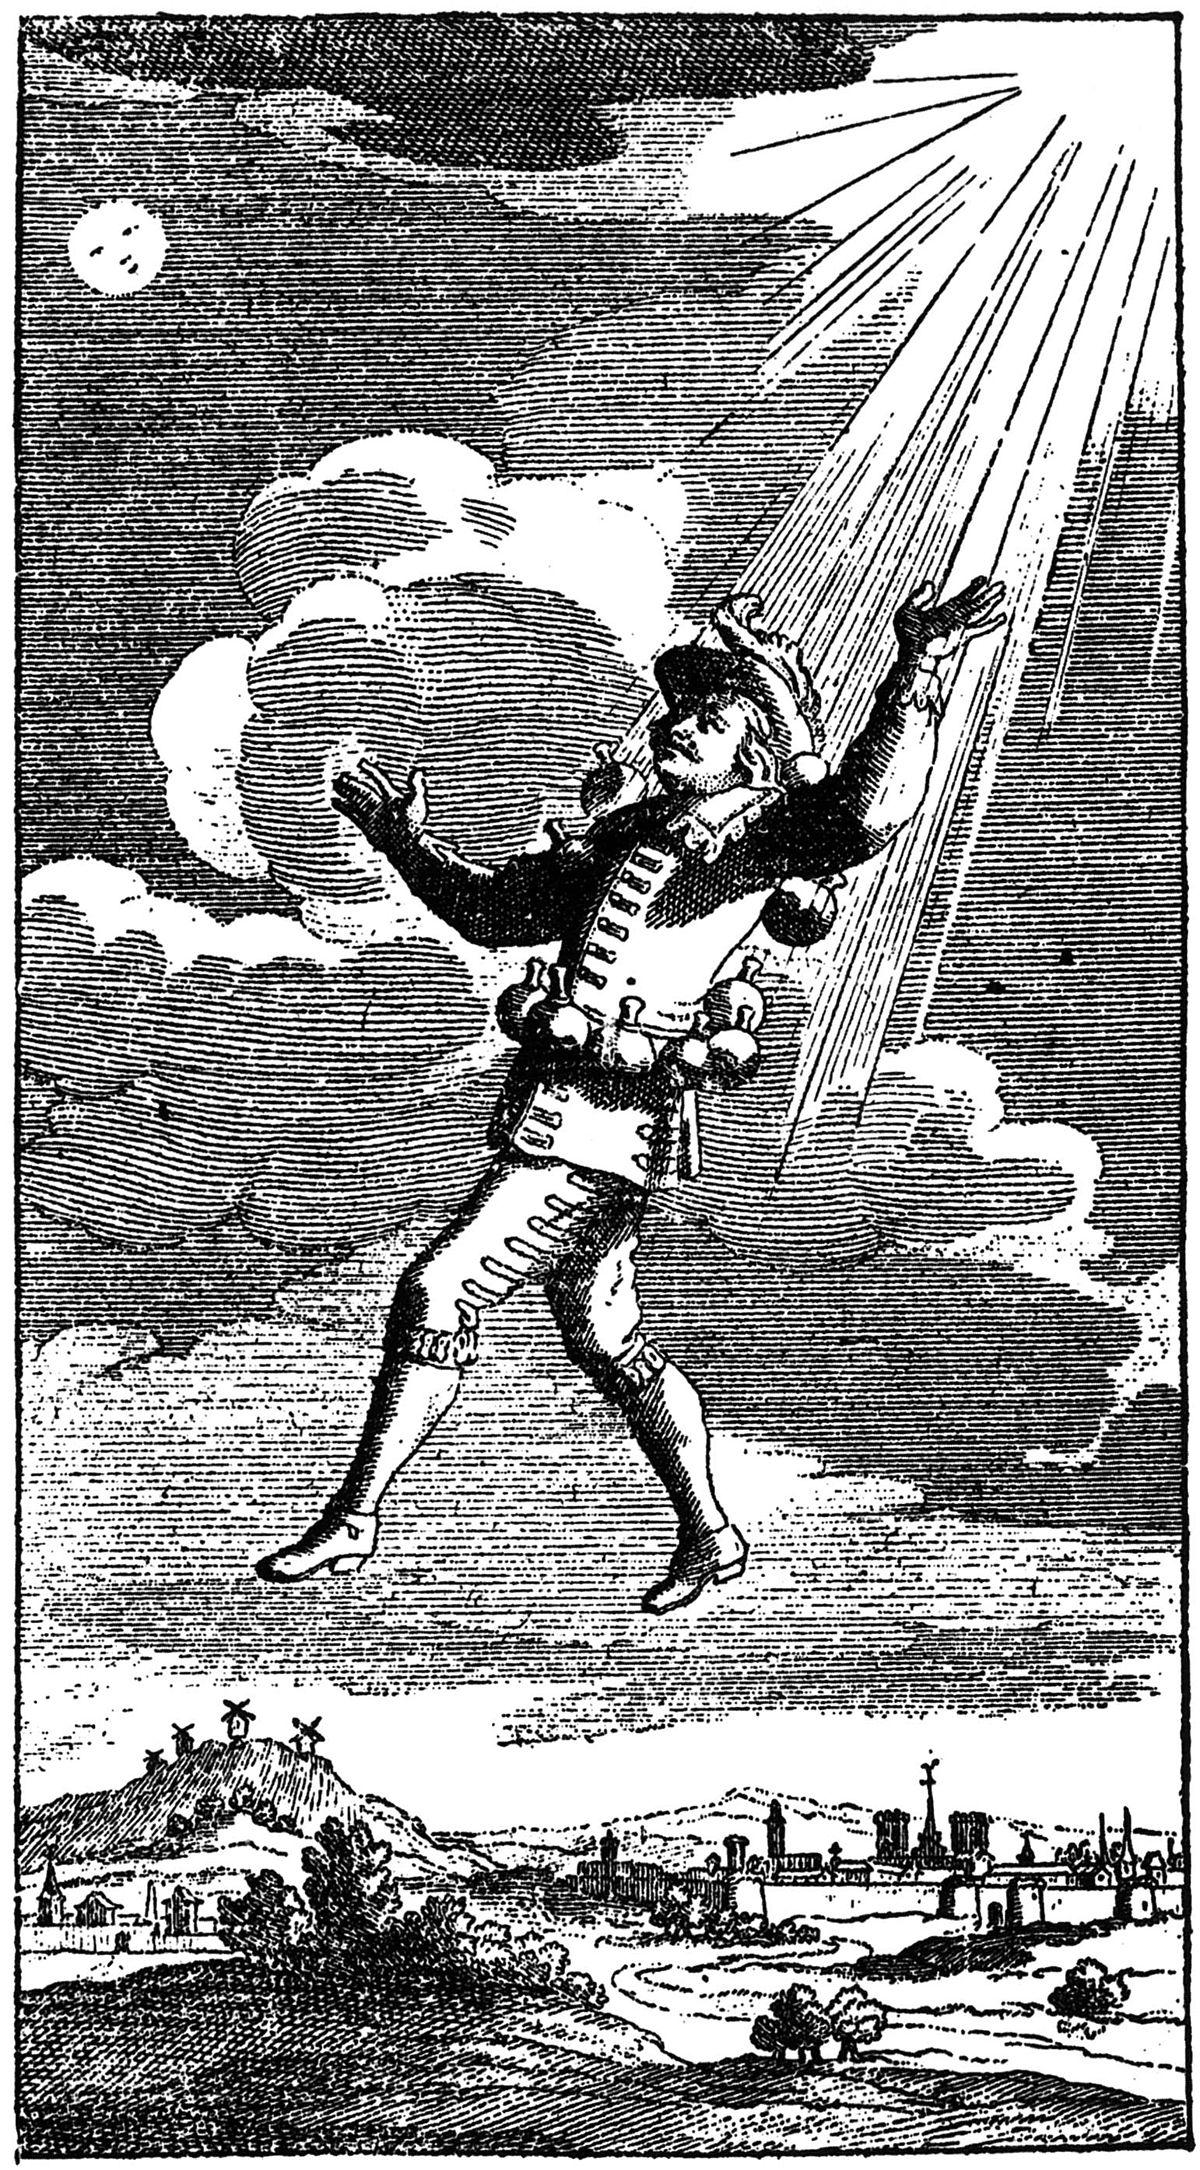 Histoire comique des tats et empires de la lune wikip dia for Histoire des jardins wikipedia